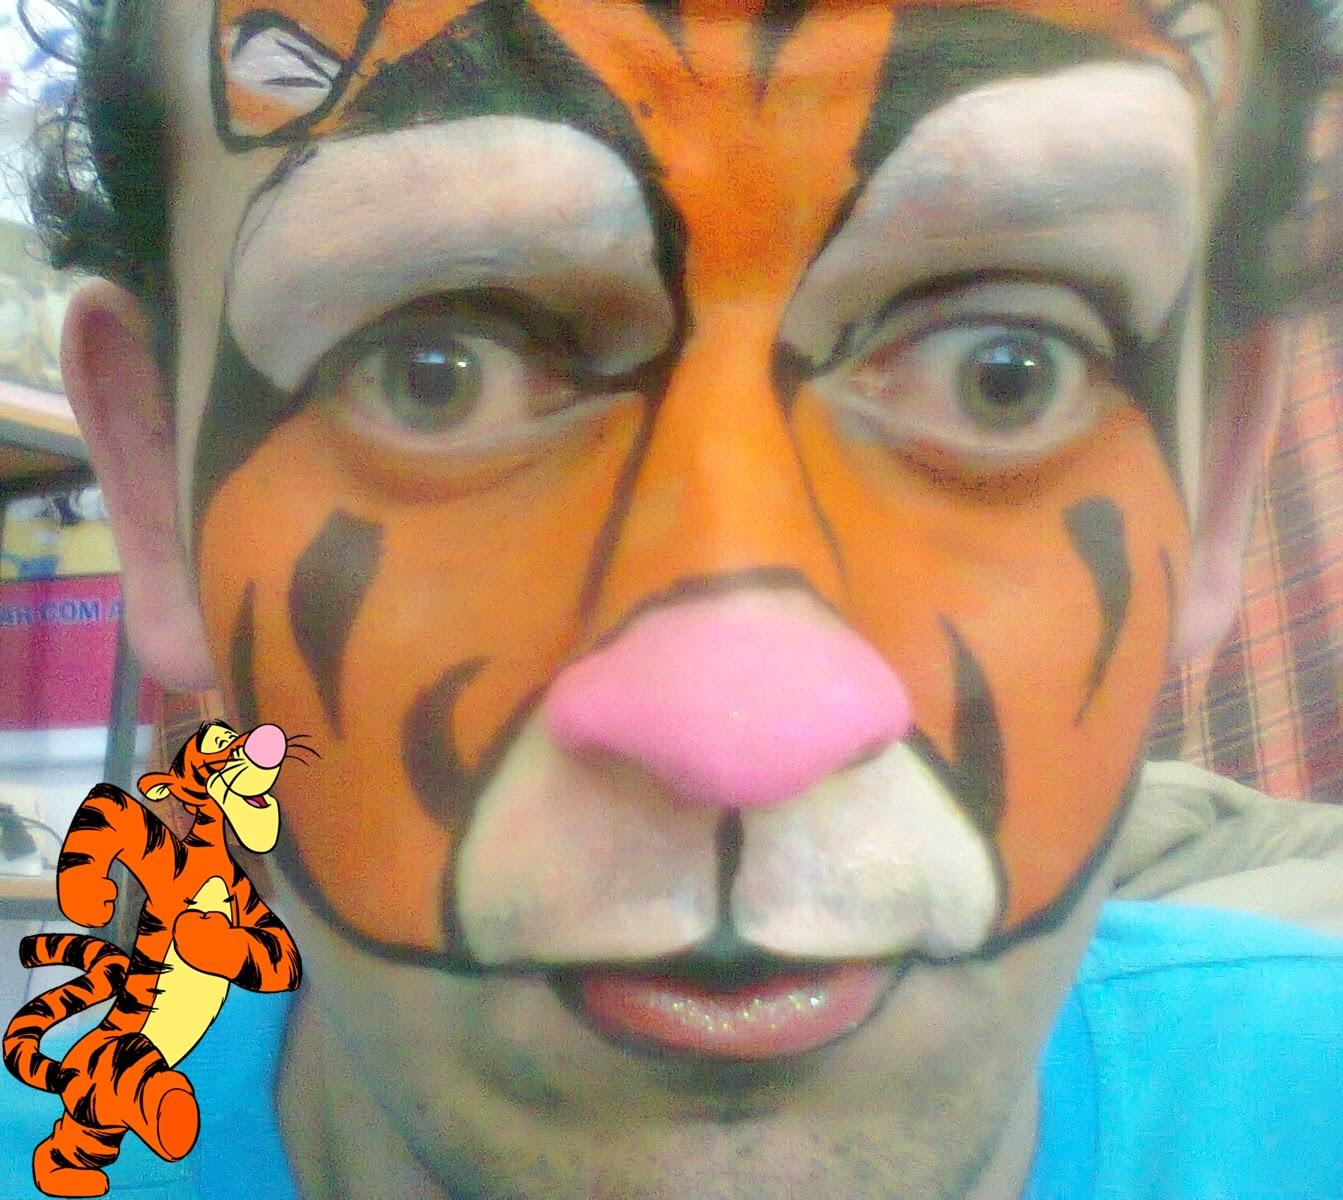 Pintura Facial Artística - tigrão